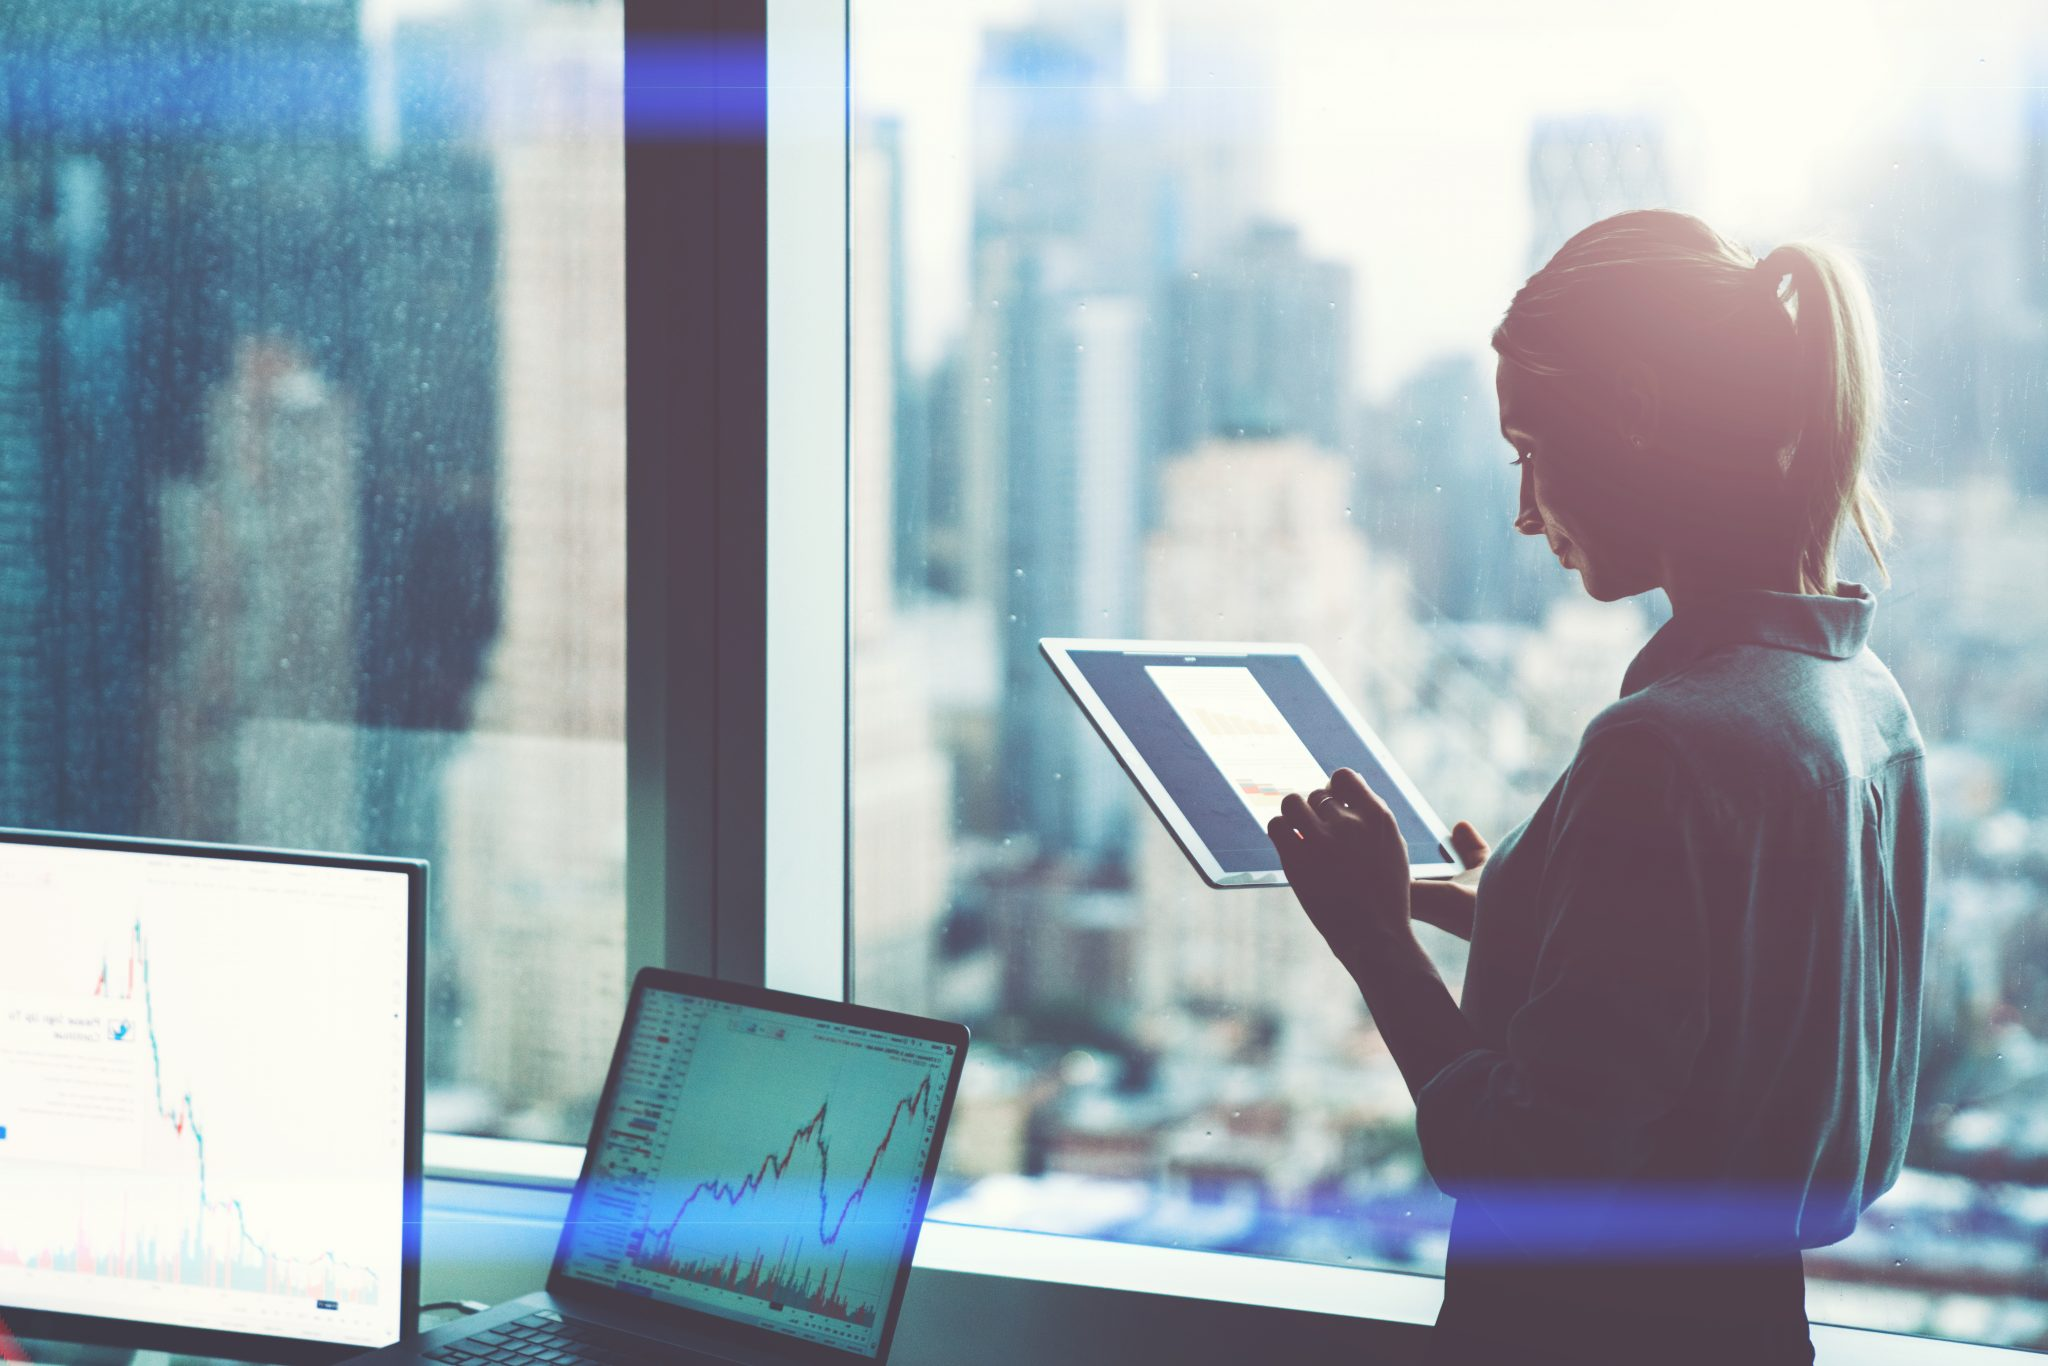 Kvinnlig CFO Analyserer Forretningsmodell På Nettbrett